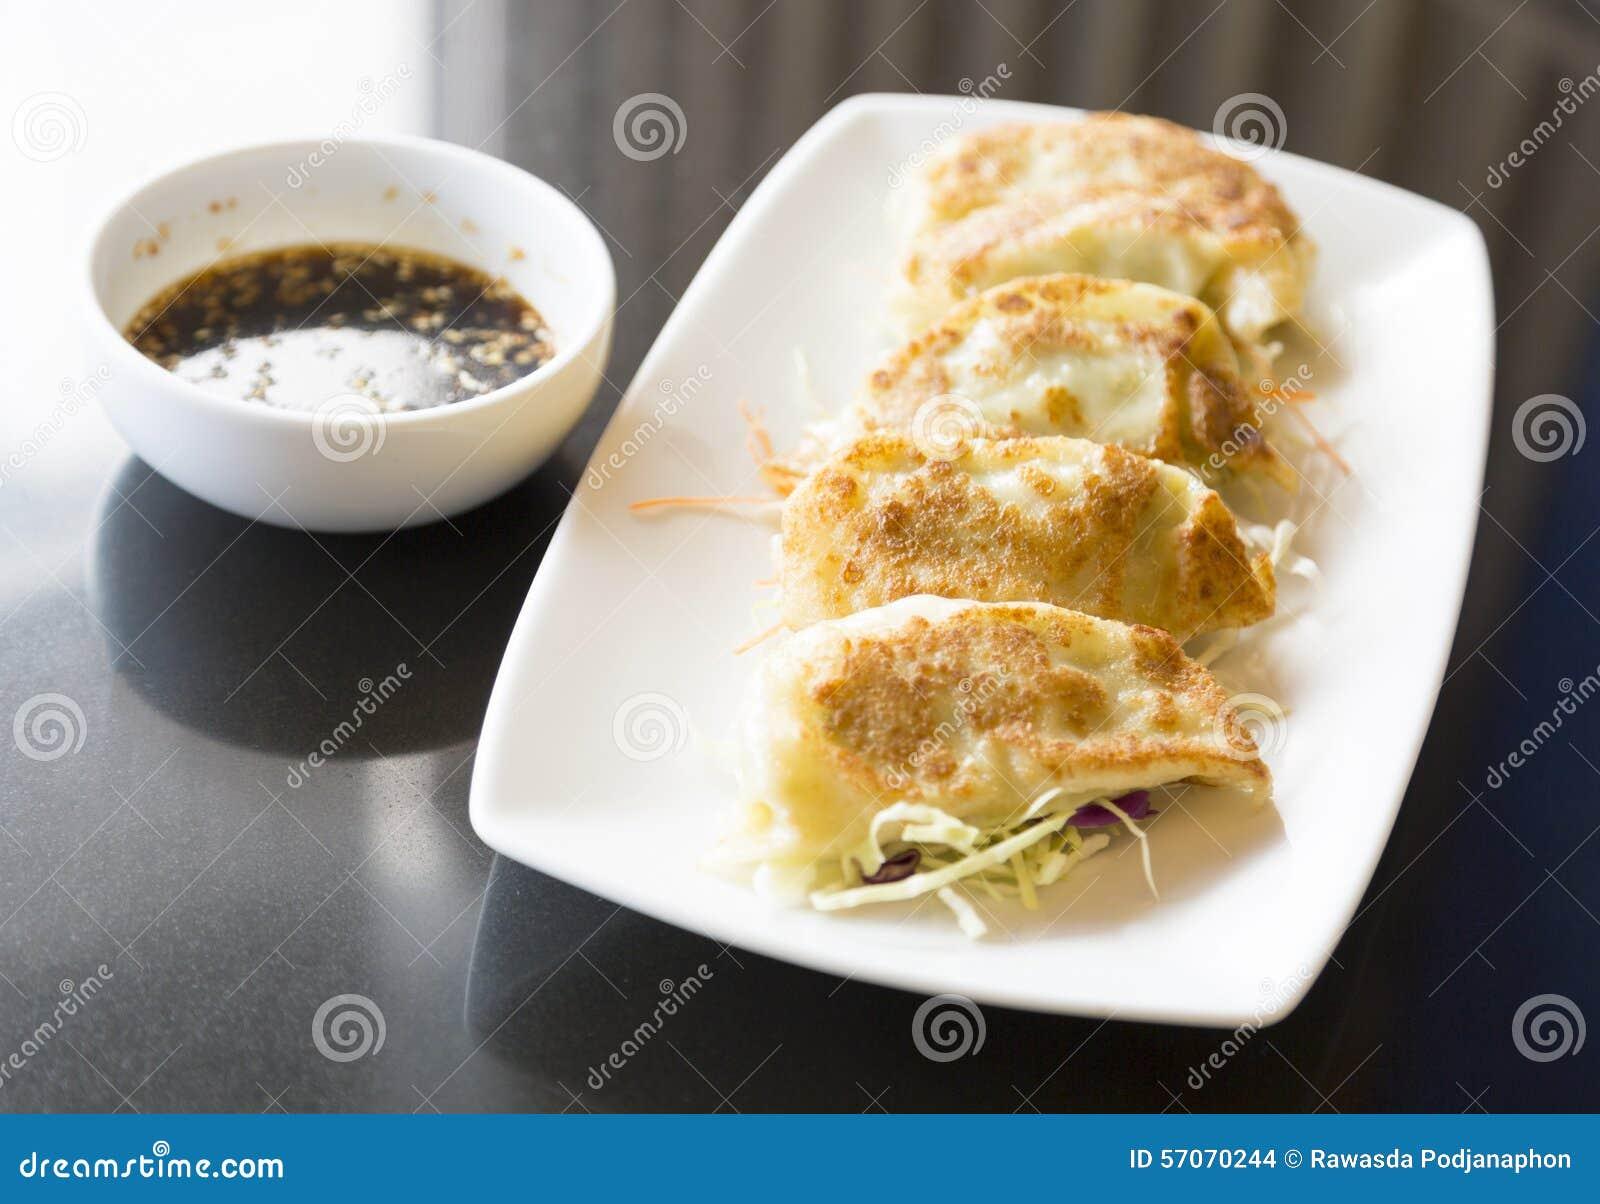 Jiaozi of gyoza, Chinese bol